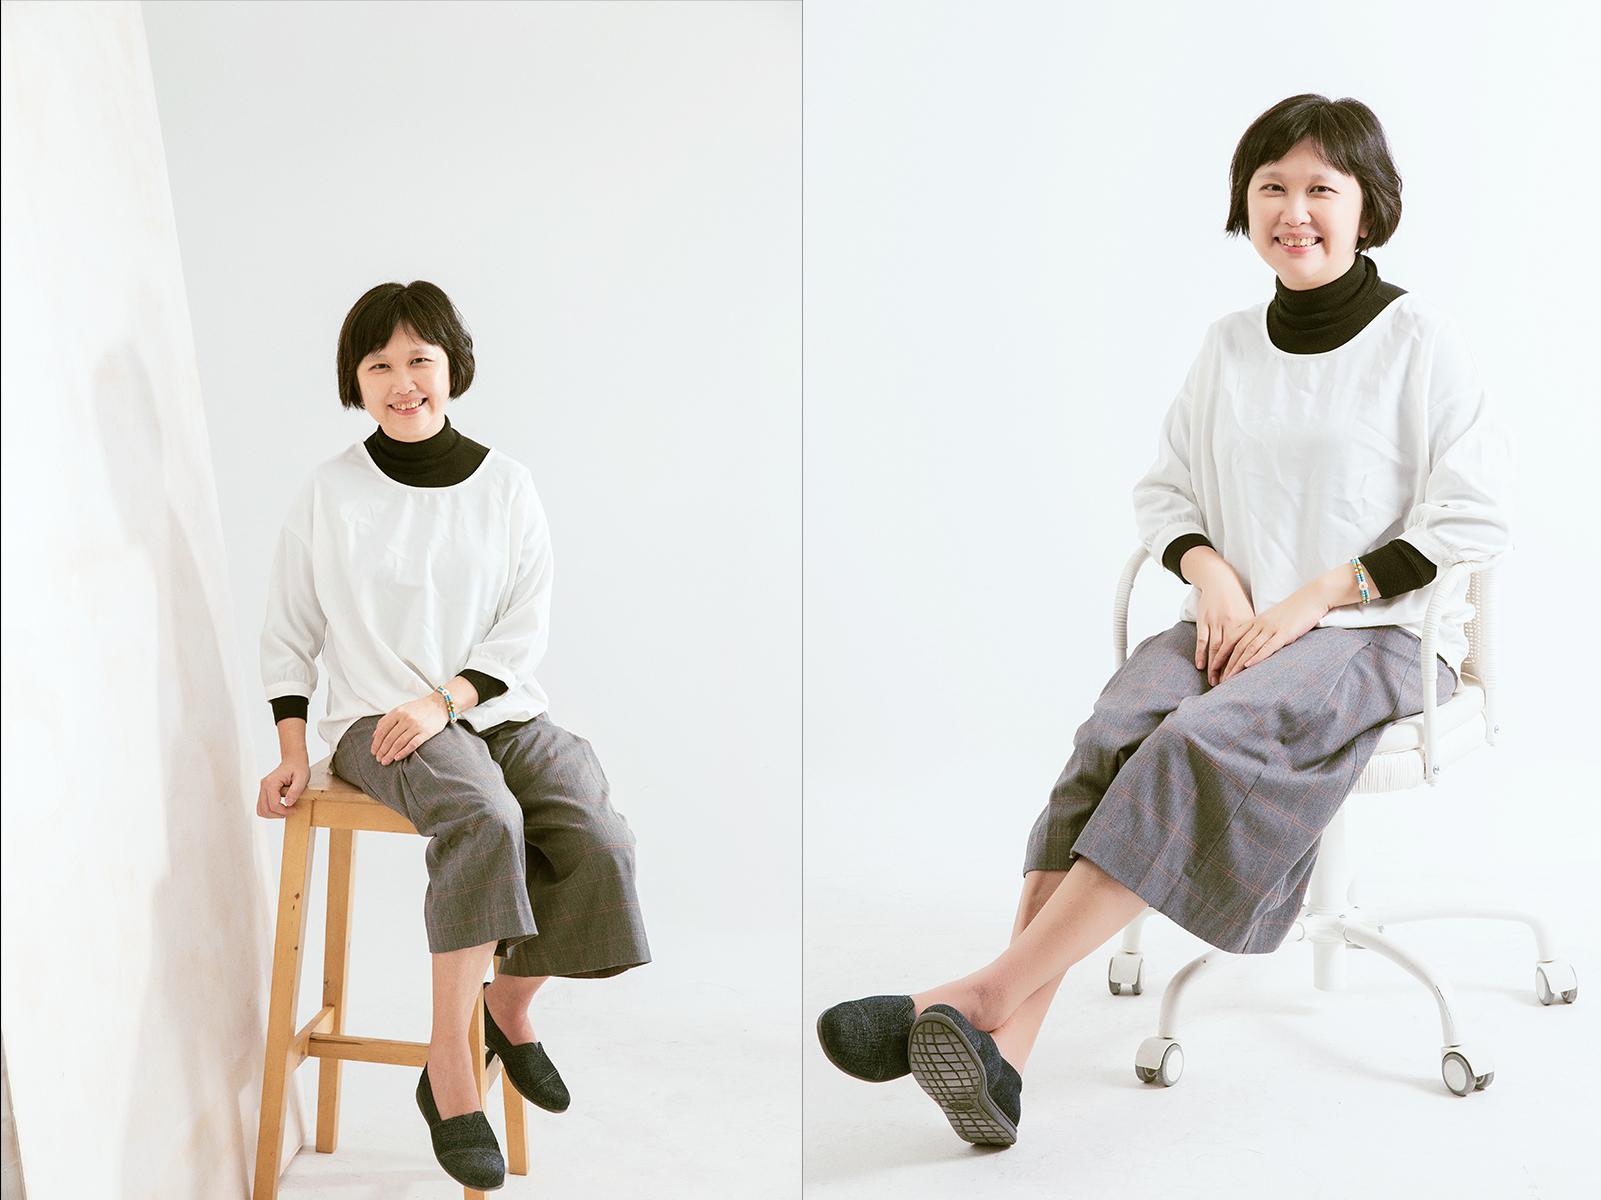 妞专访:把桂纶镁都弄哭的动画片女导演——宋欣颖在《幸福路上》耕耘梦想